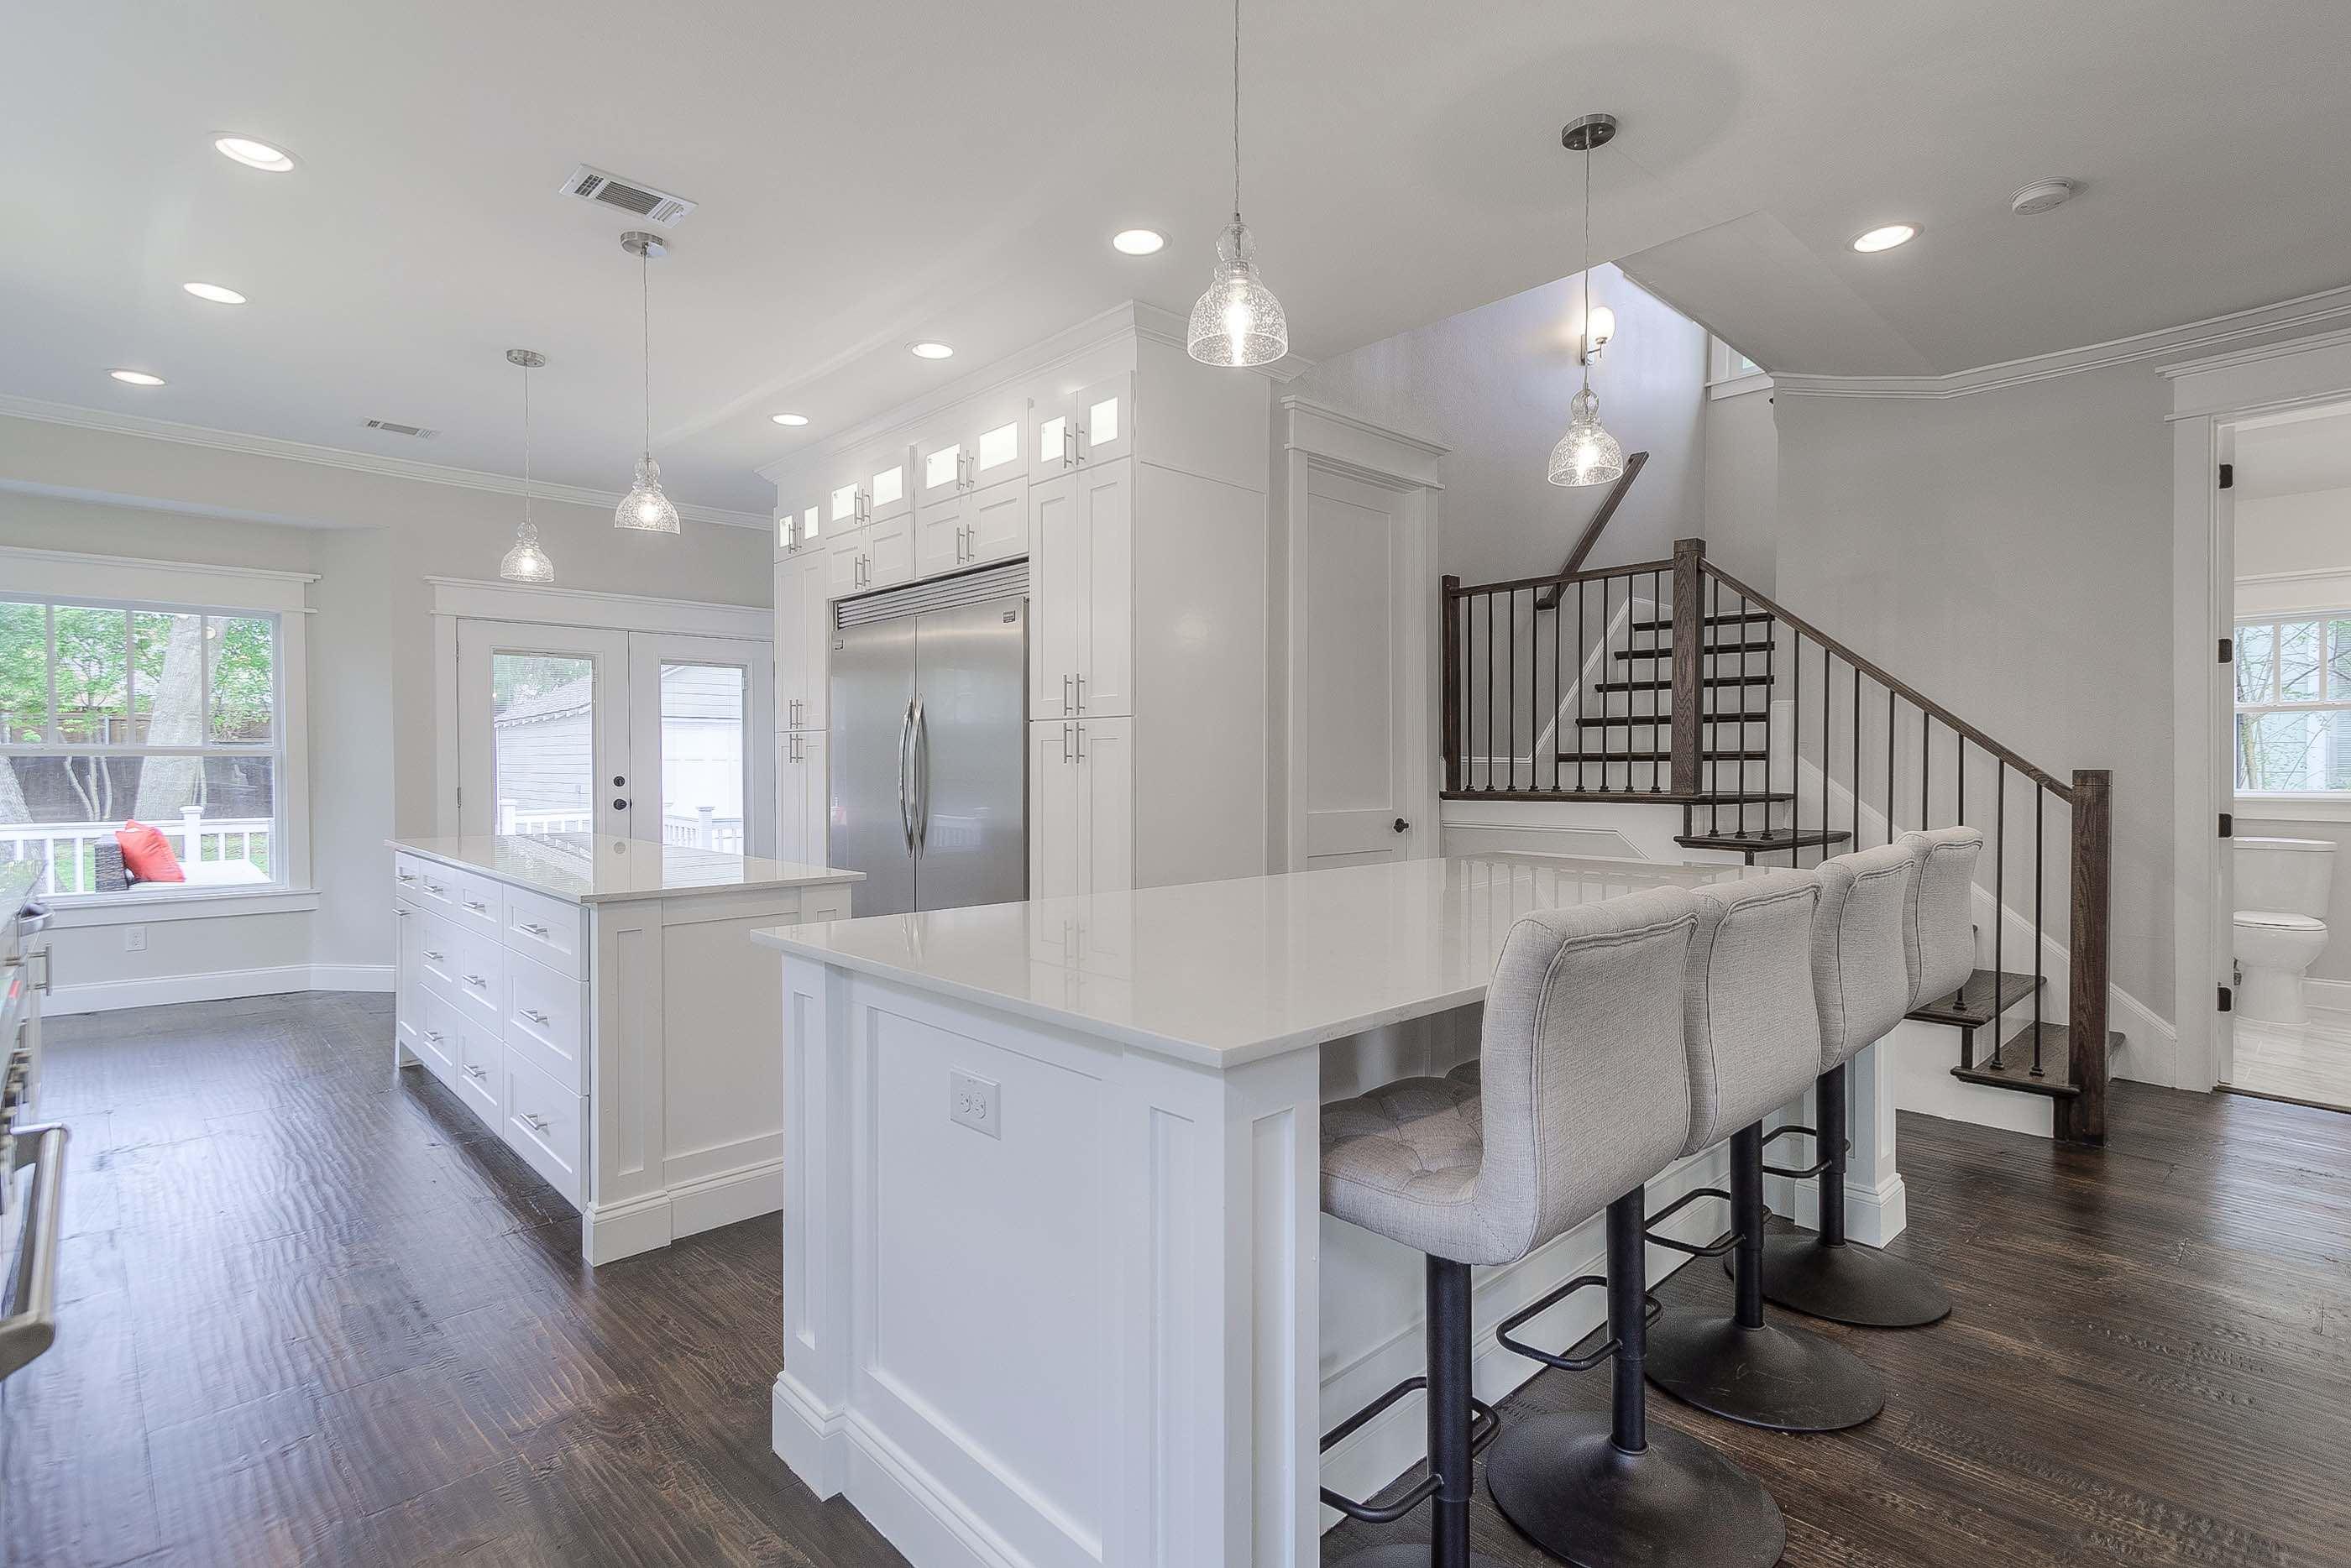 10 - kitchen - island & stairwell.jpg